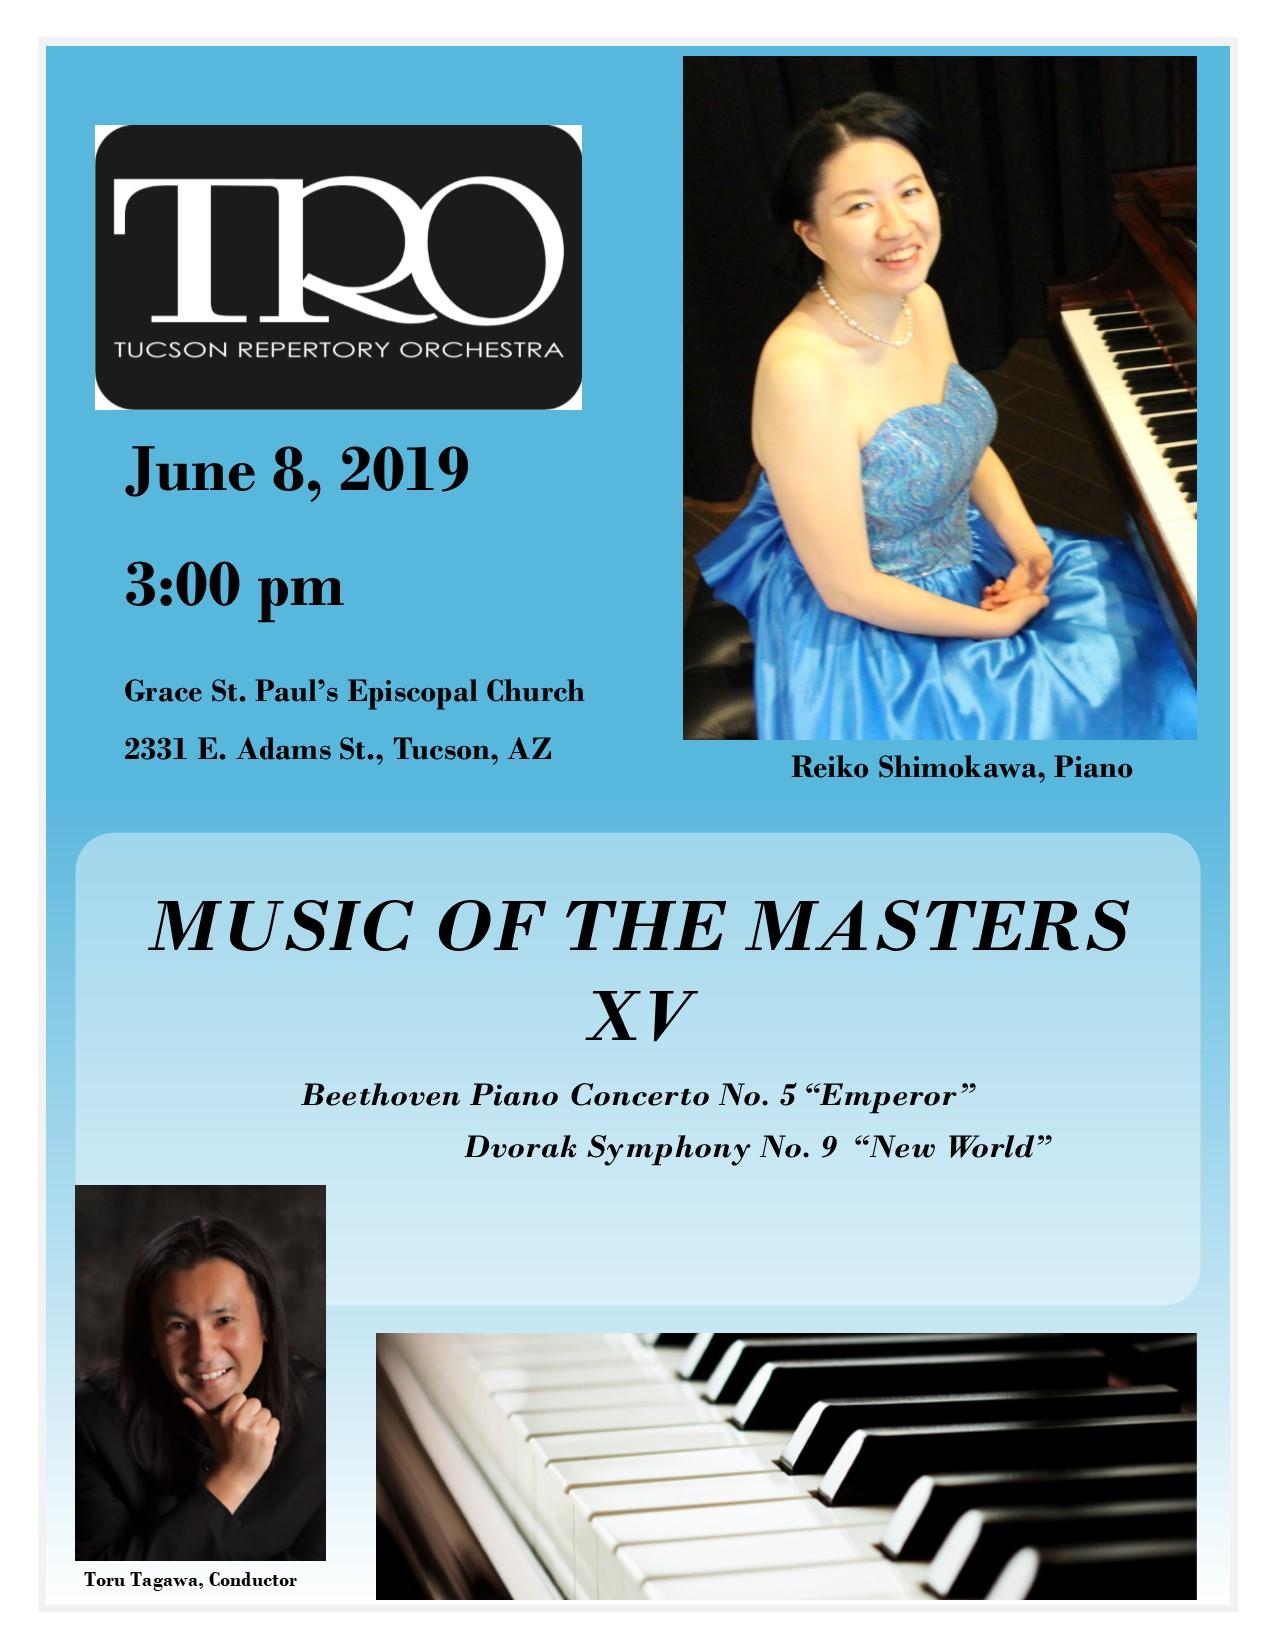 TRO Concert Flier 6.8.19